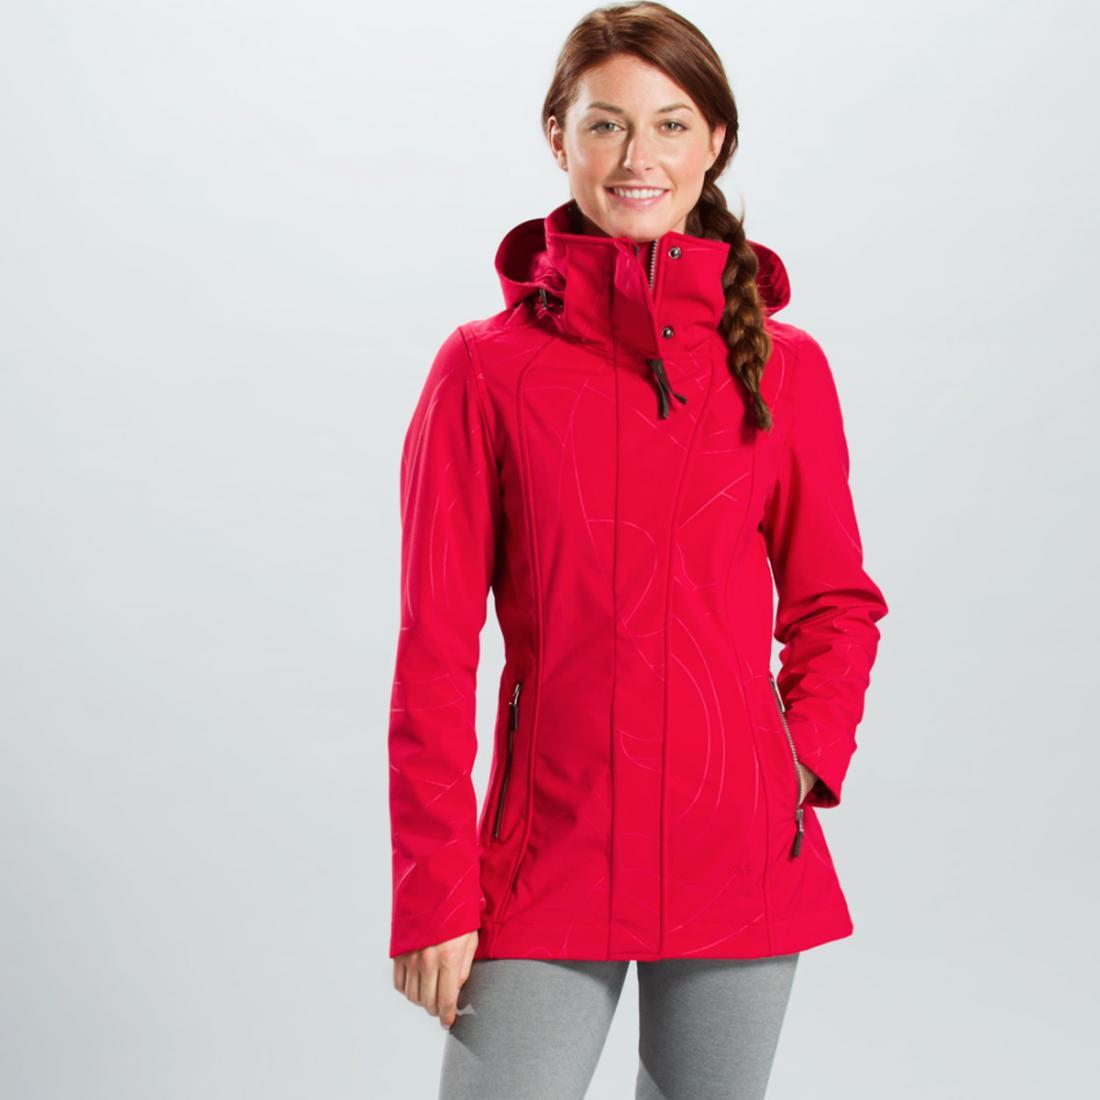 Куртка LUW0191 STUNNING JACKETКуртки<br>Легкий демисезонный плащ из софтшела с оригинальным принтом – функциональная и женственная вещь. <br> <br><br>Регулировки сзади на талии...<br><br>Цвет: Бордовый<br>Размер: S